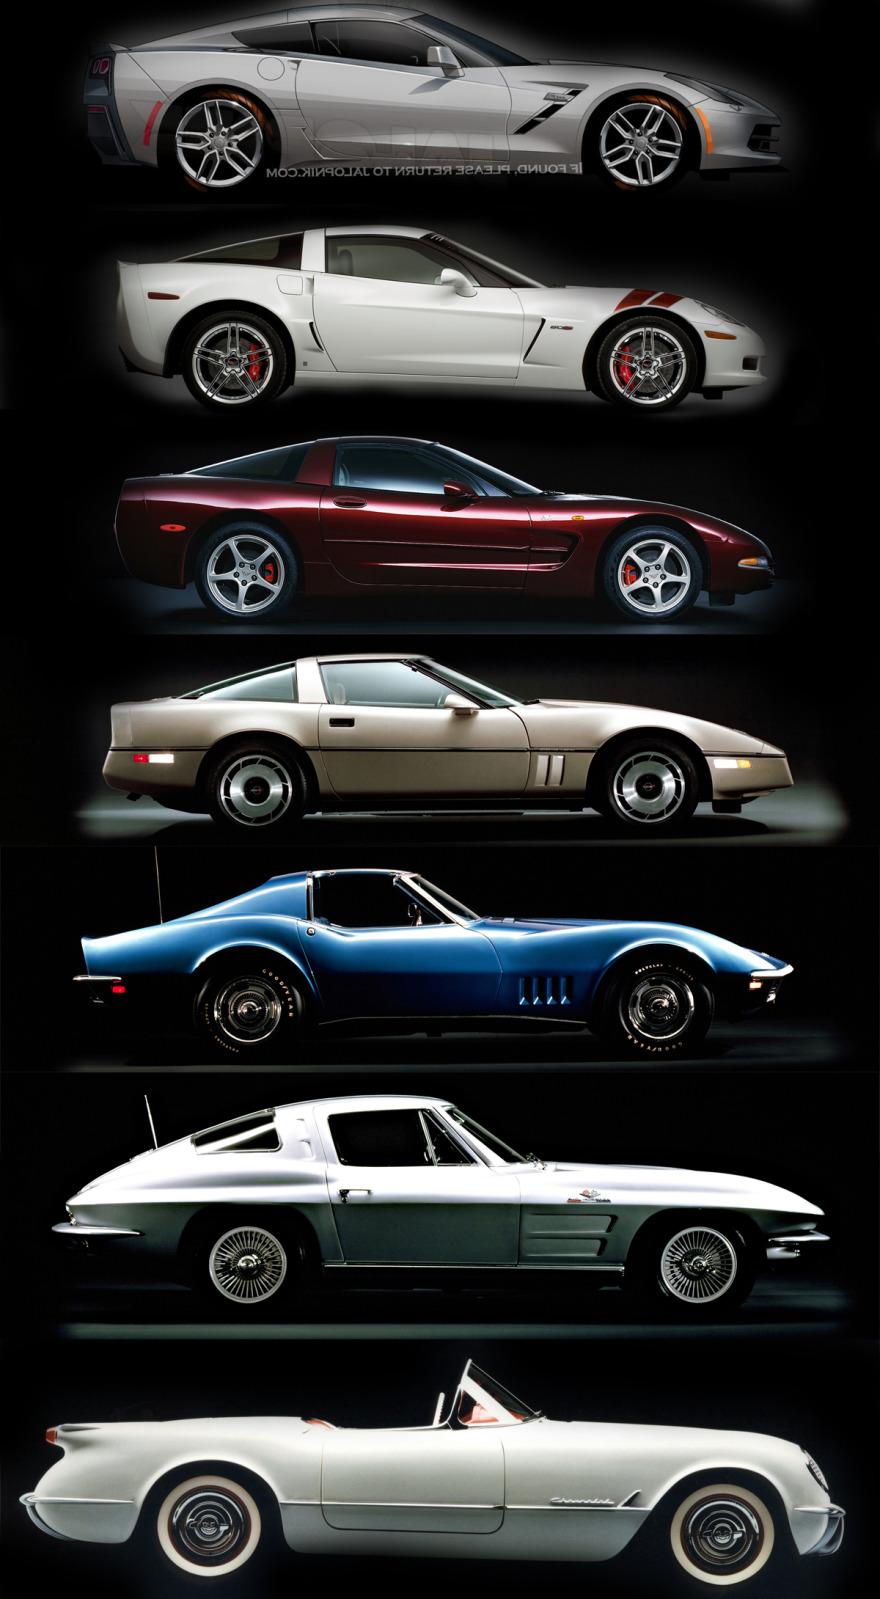 The Piston Ring 2014 C7 Corvette Evolutionary Not